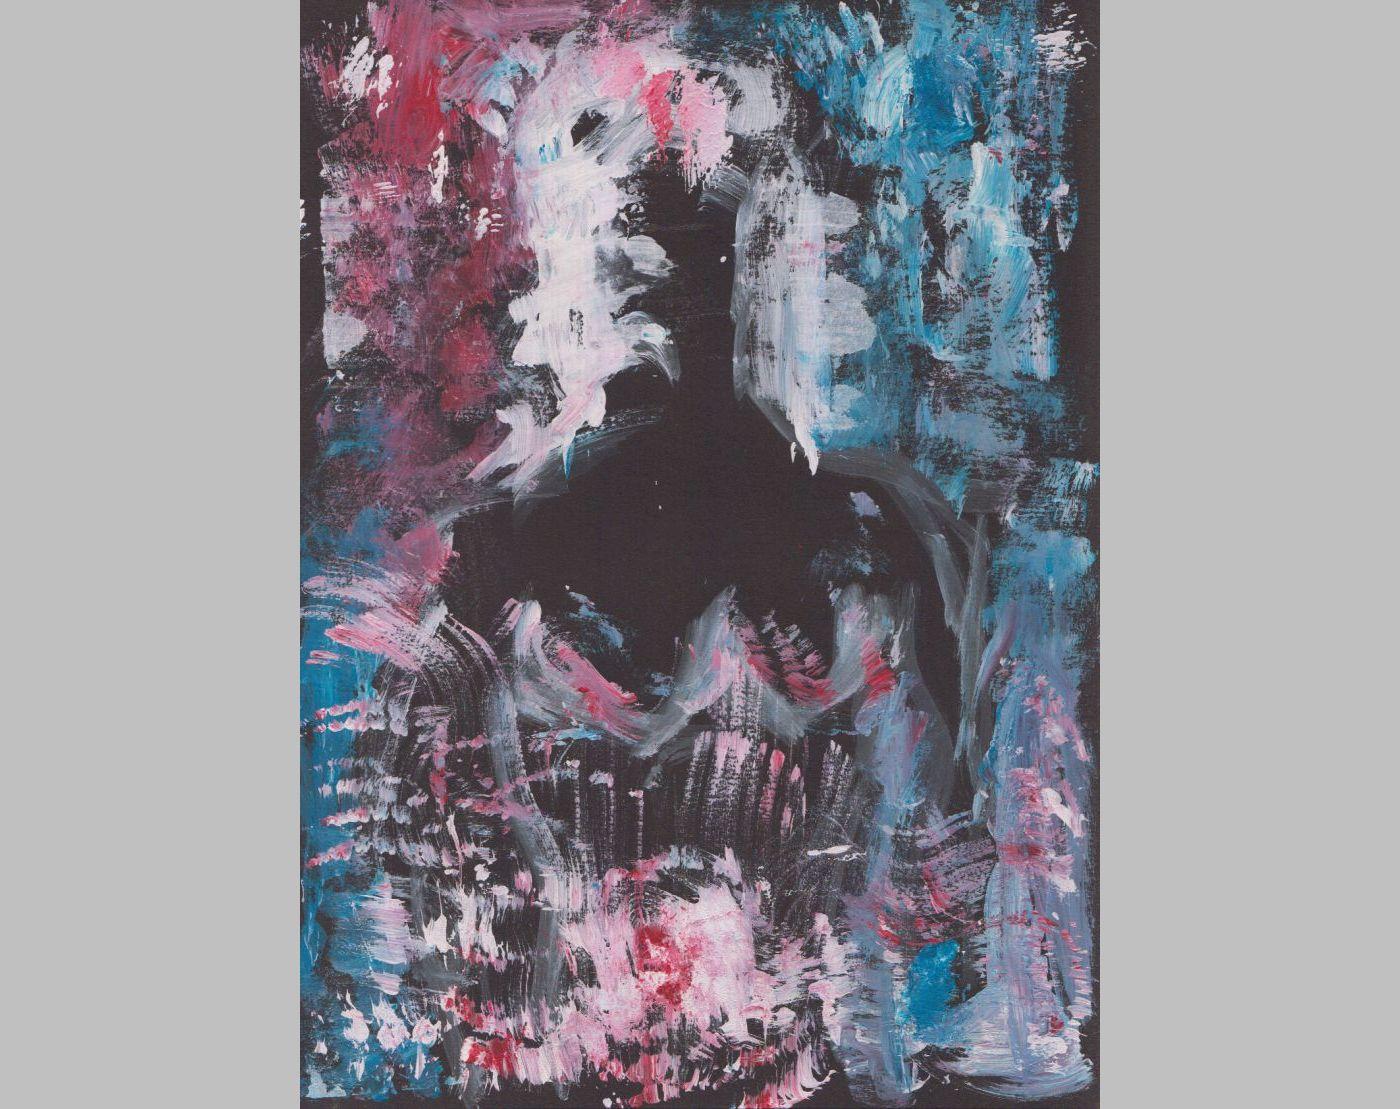 Frau, von Abendkleid verschleiert (2014, 21 x 29,7 cm, A4)